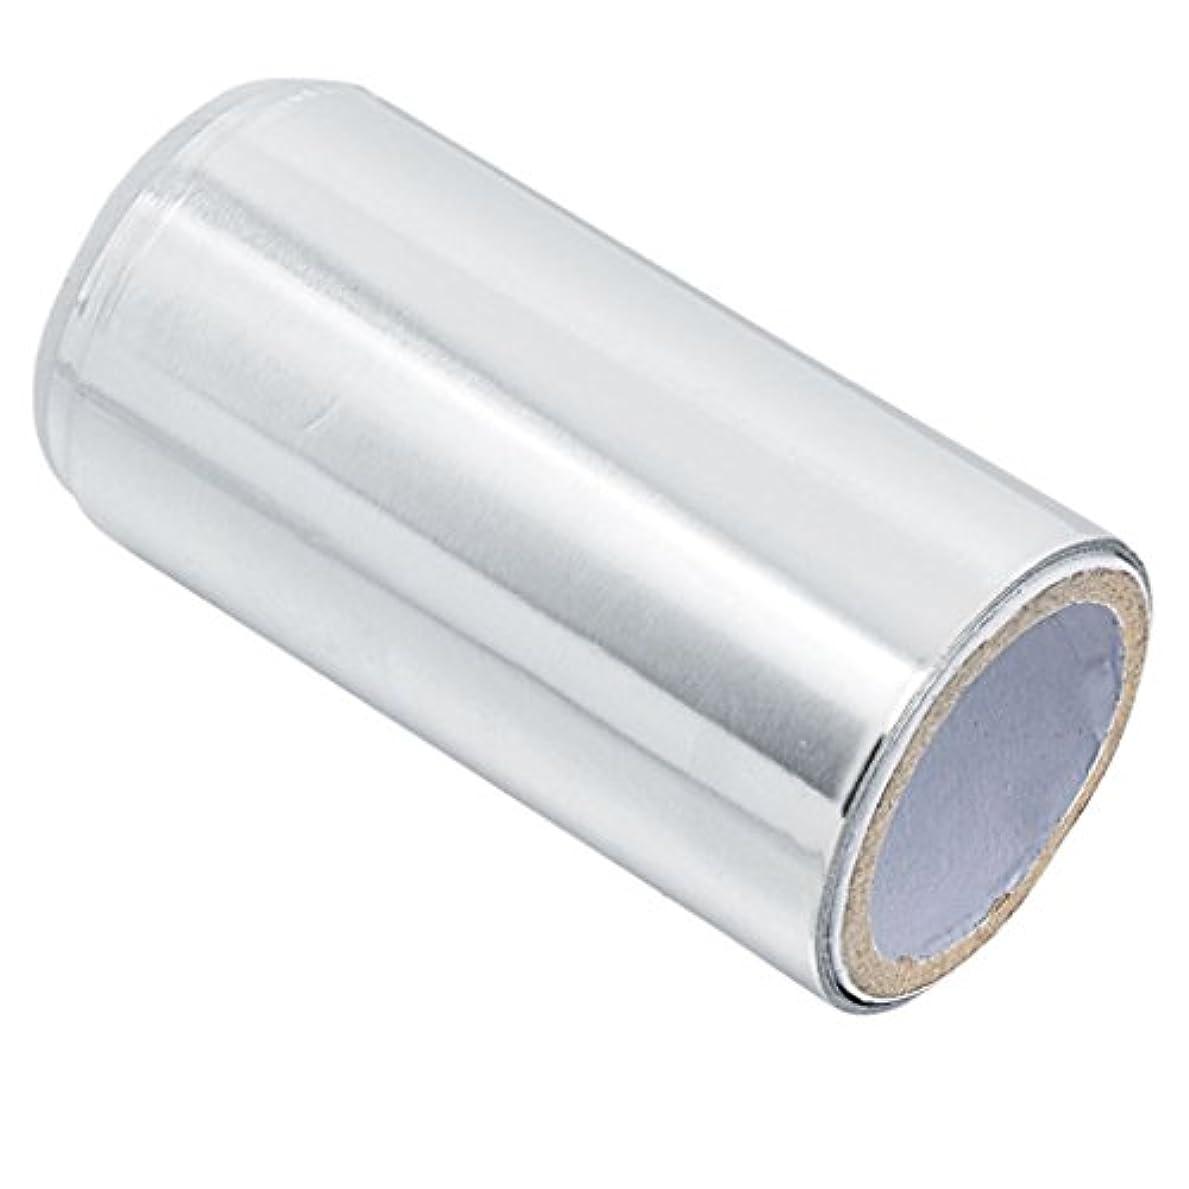 鹿弾性あなたのものアルミニウム ヘア/ネイル用 錫箔紙 ネイルアート 爪化粧用具 クリーナーツール ジェル除却 5m